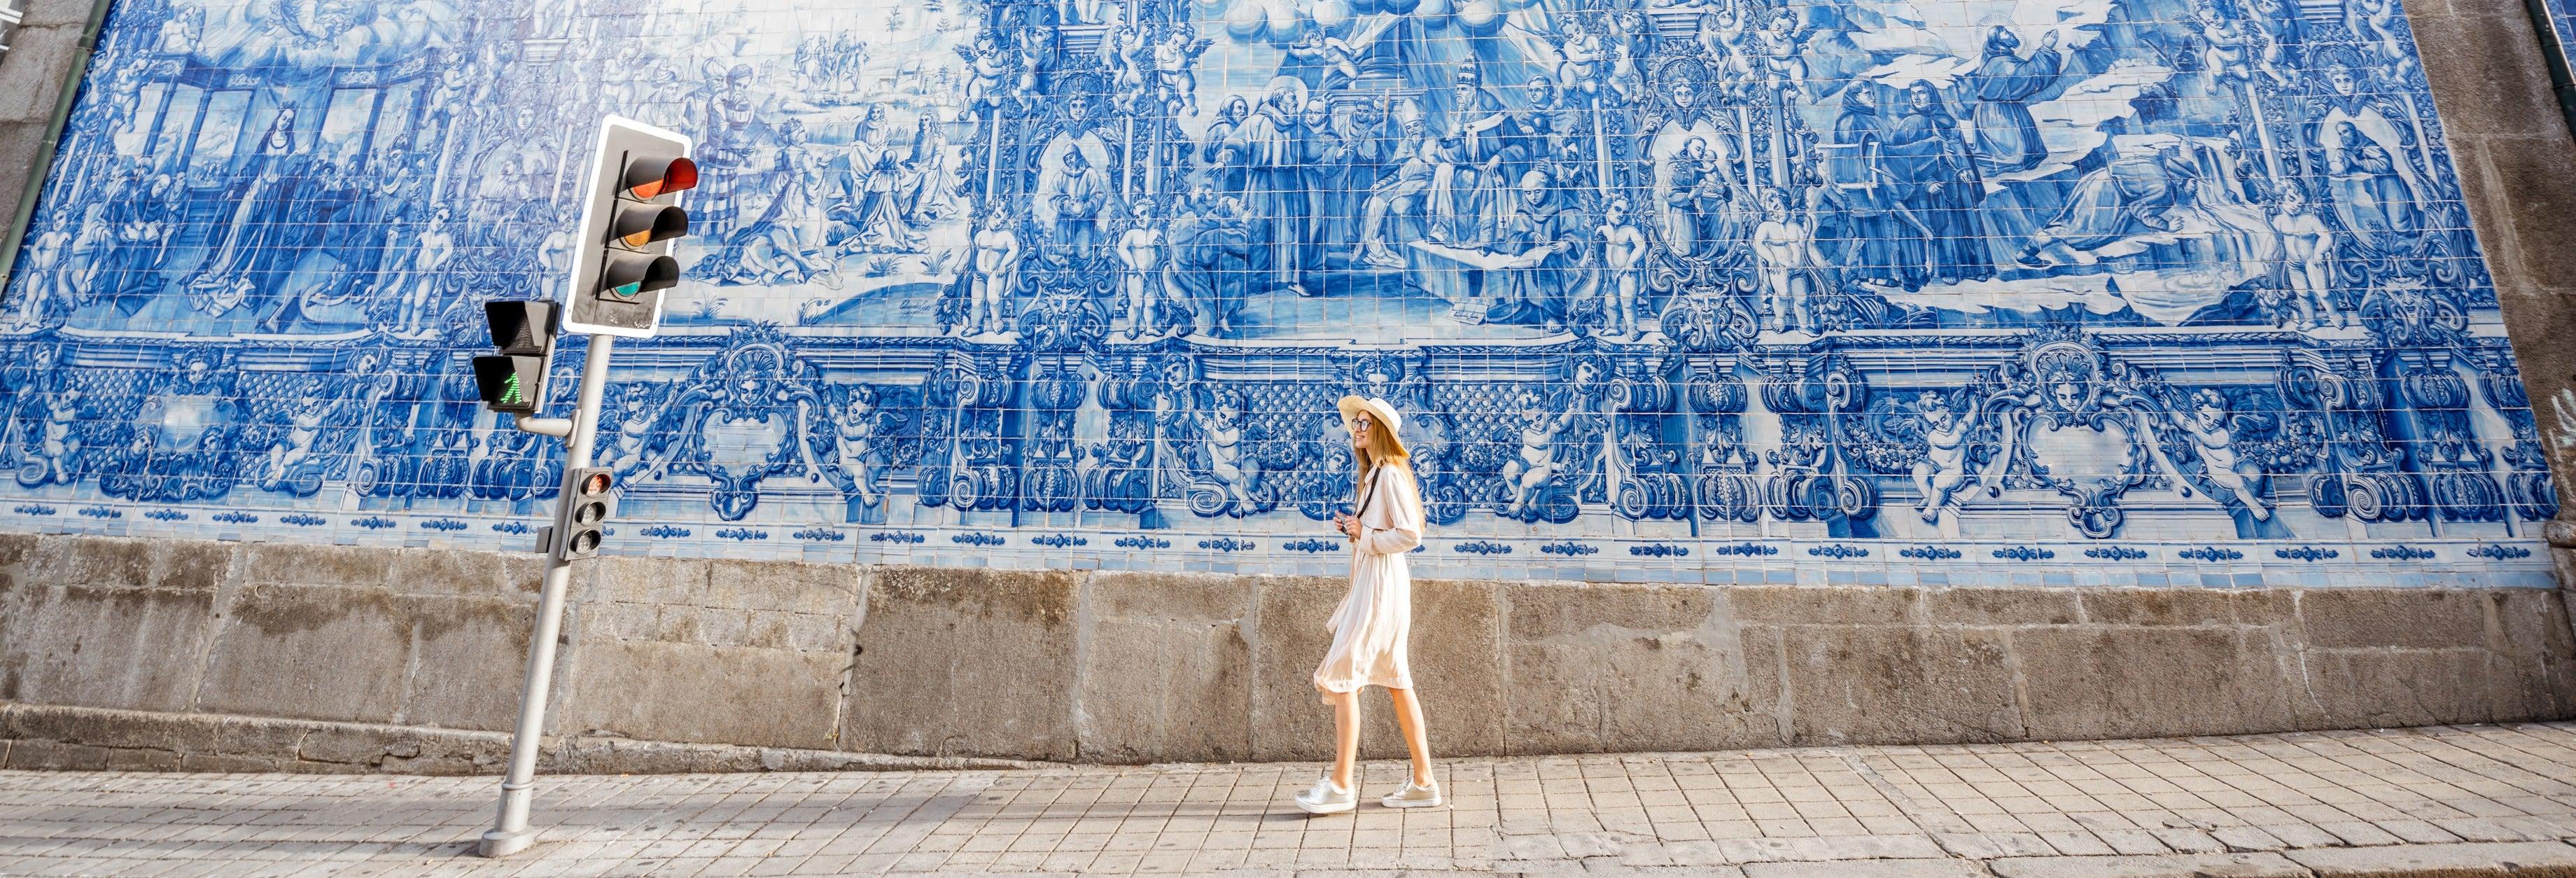 Tour de los azulejos de Oporto